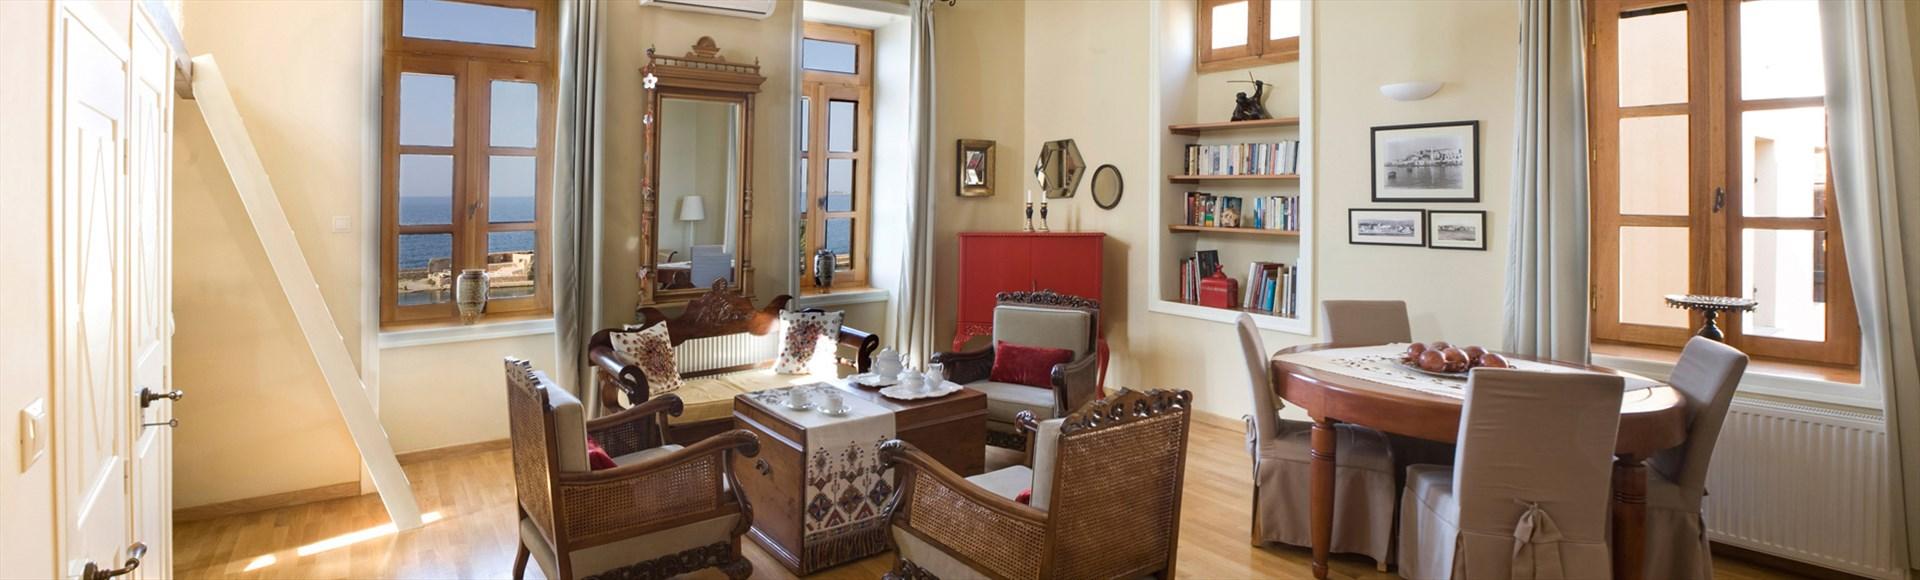 Villas with Pools in Crete, Corfu & Paros | Handpicked by Alargo